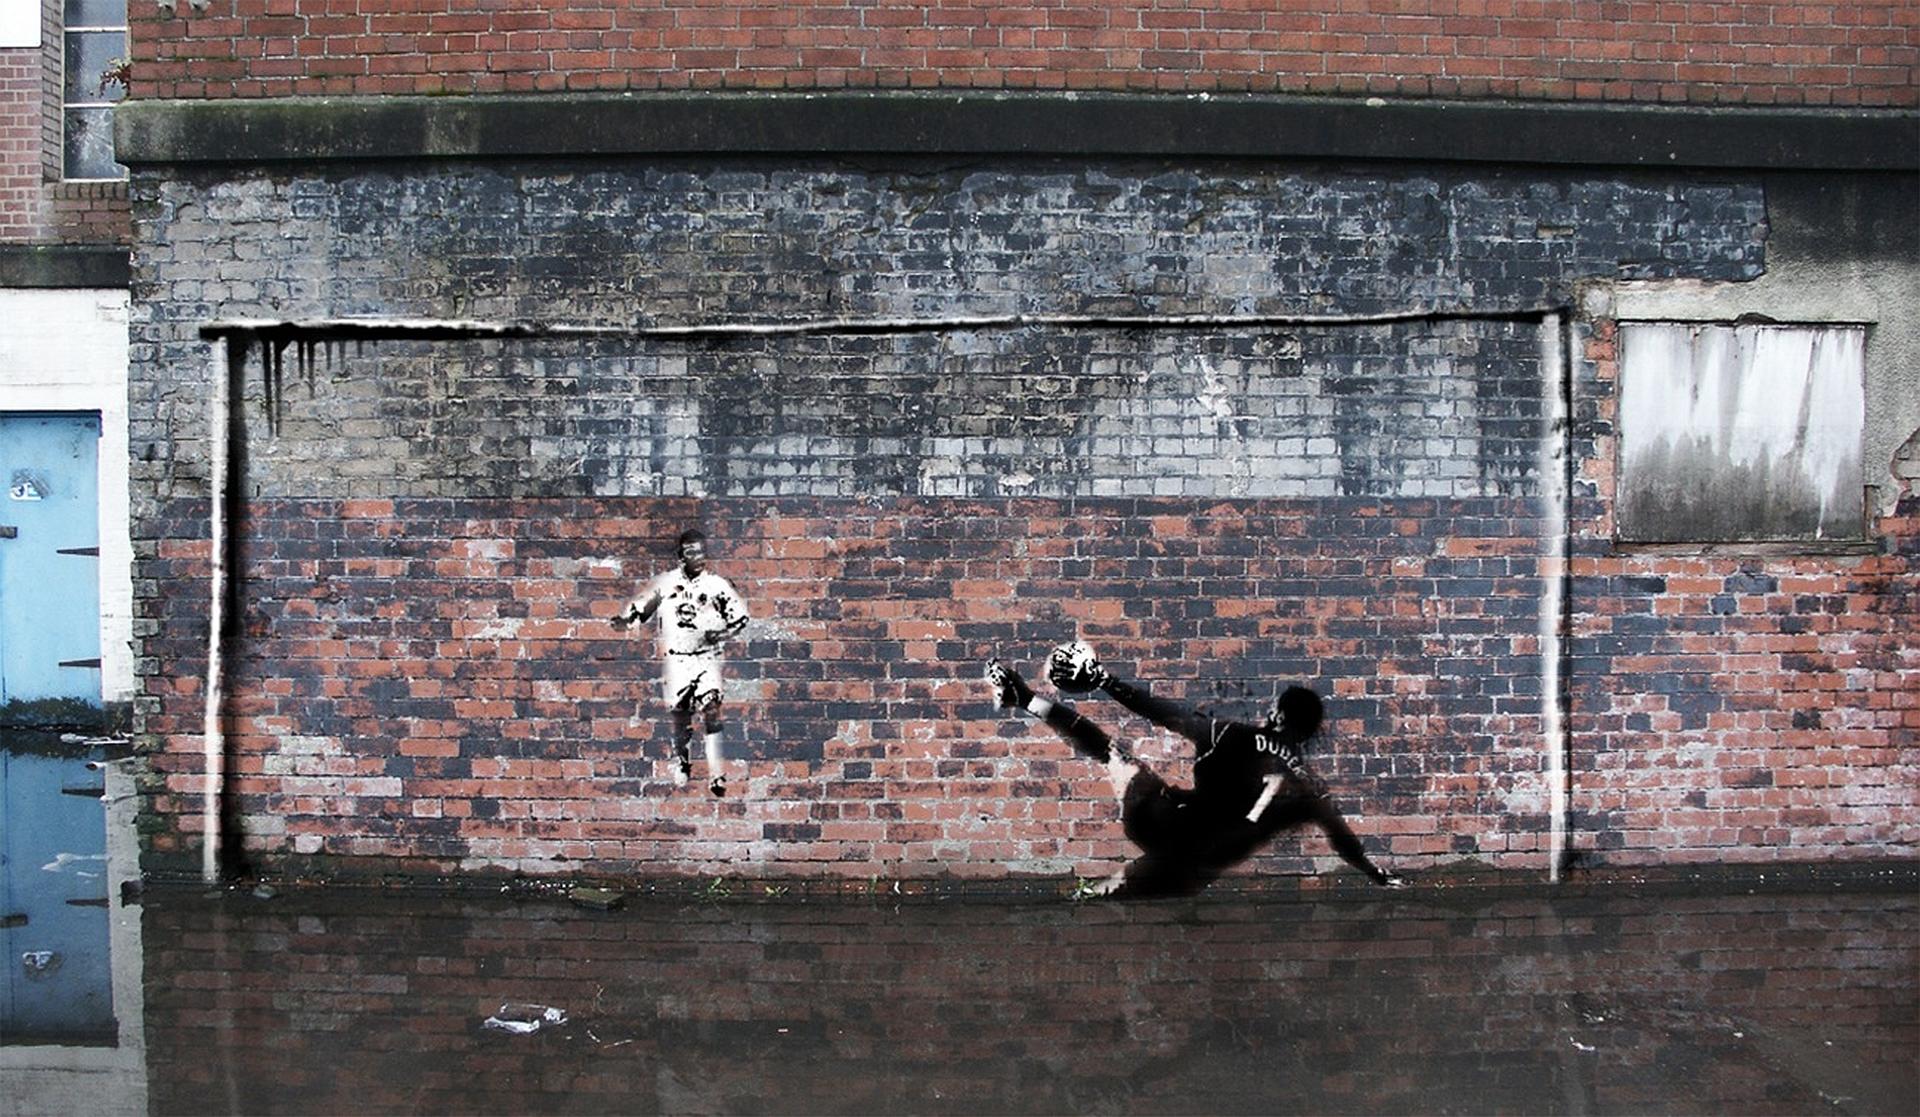 Football Graffiti